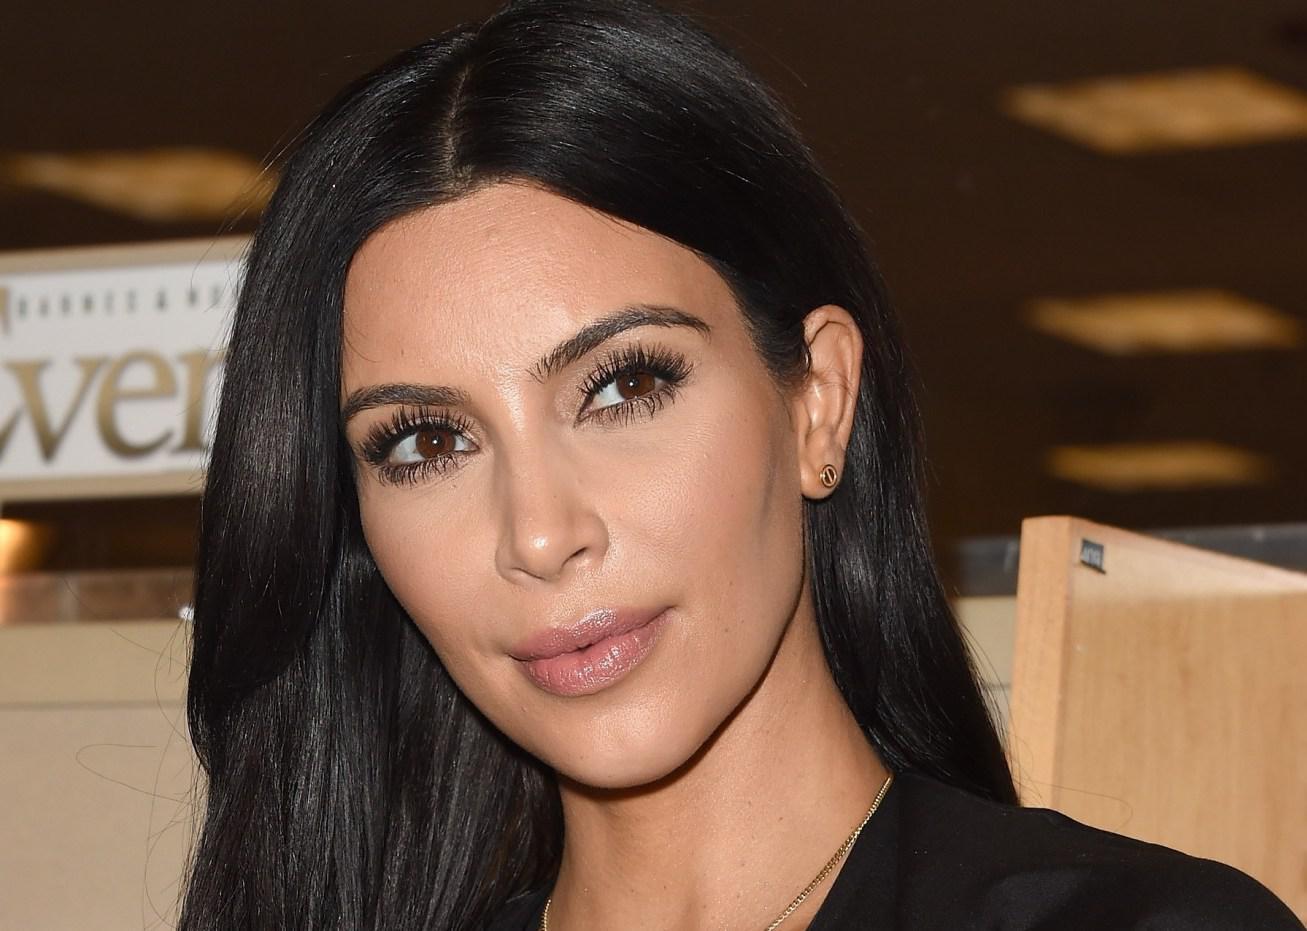 Ким Кардашьян не сможет больше родить